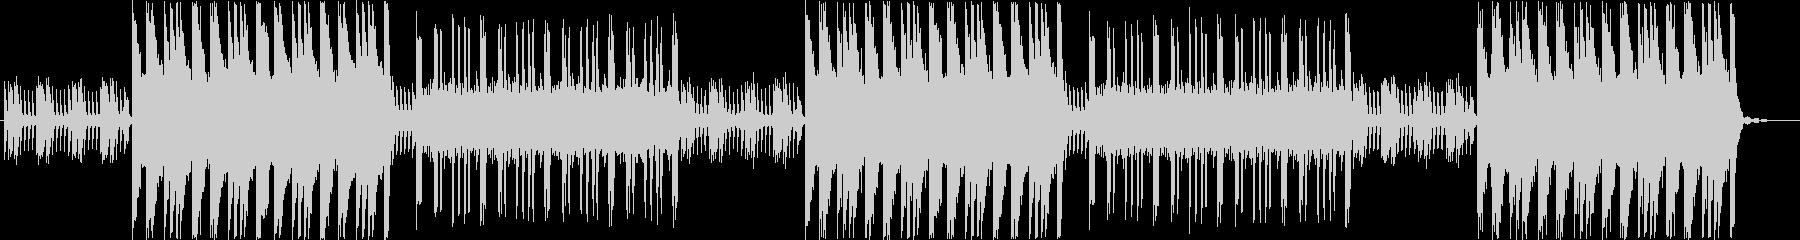 重厚感溢れる不気味なピアノBGMの未再生の波形